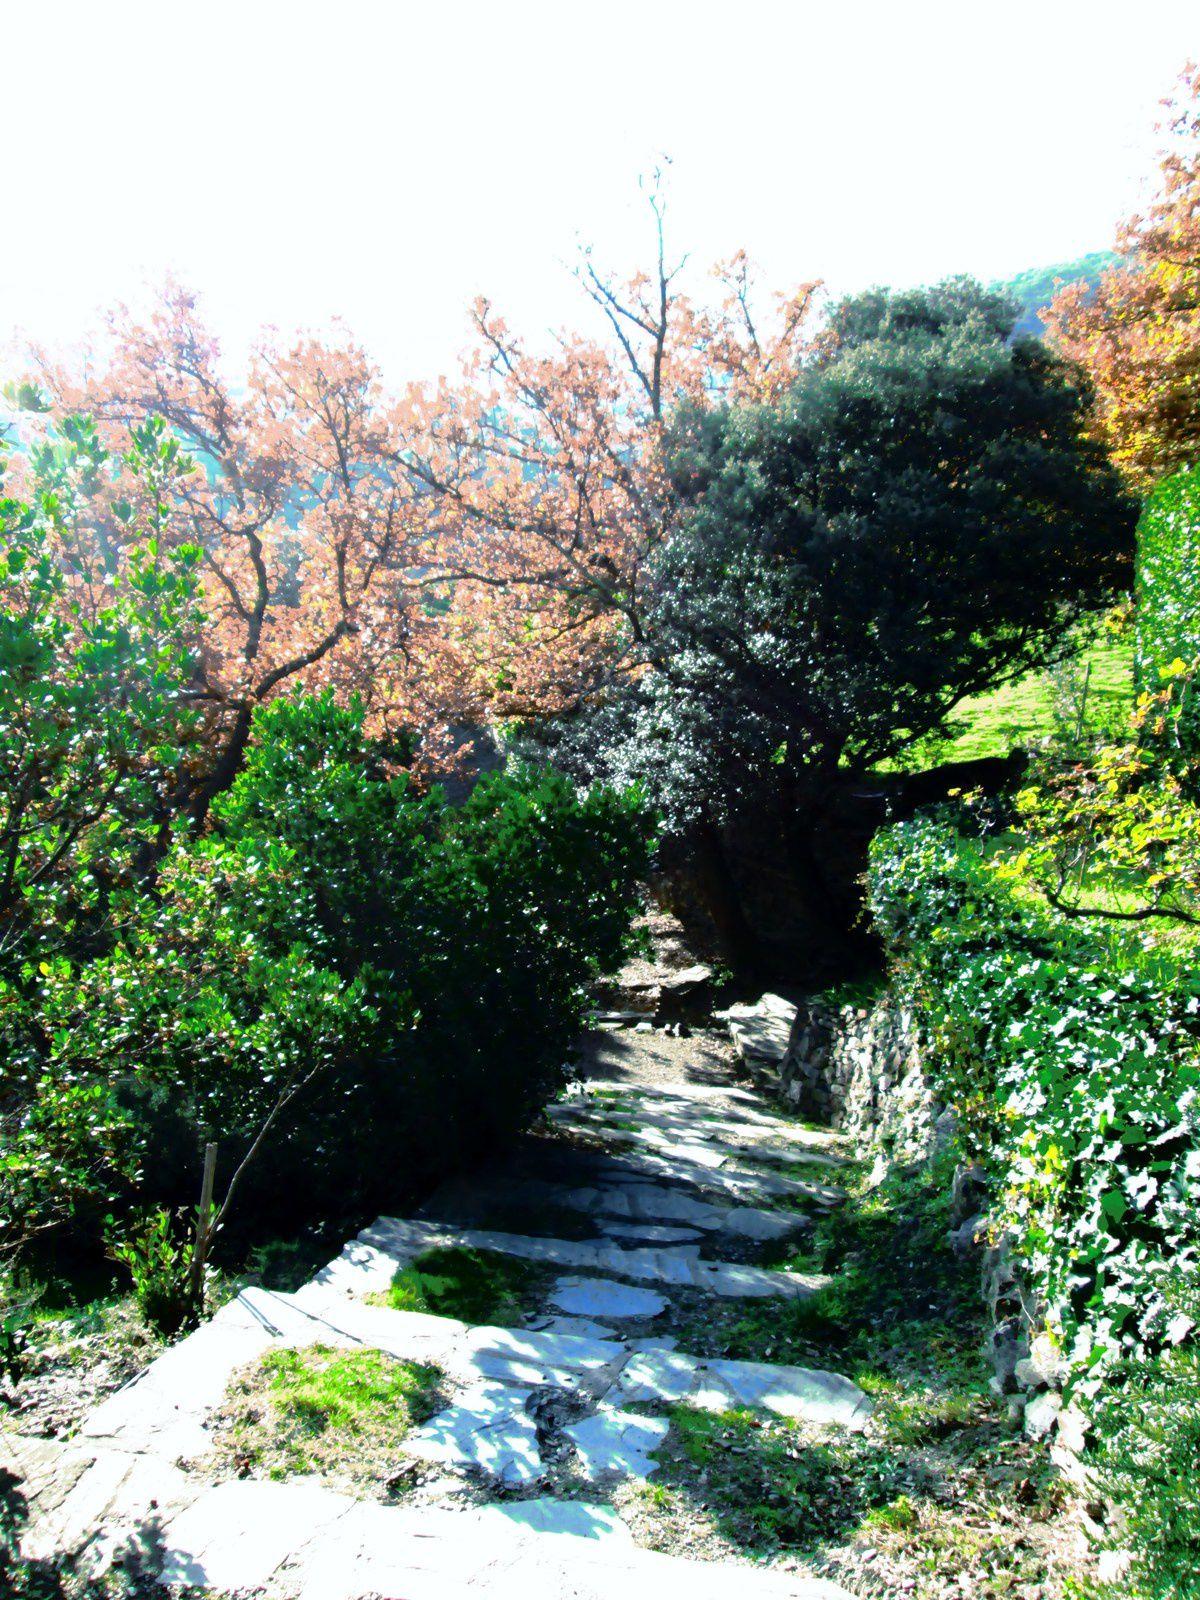 Le prieuré de Serrabone et son jardin